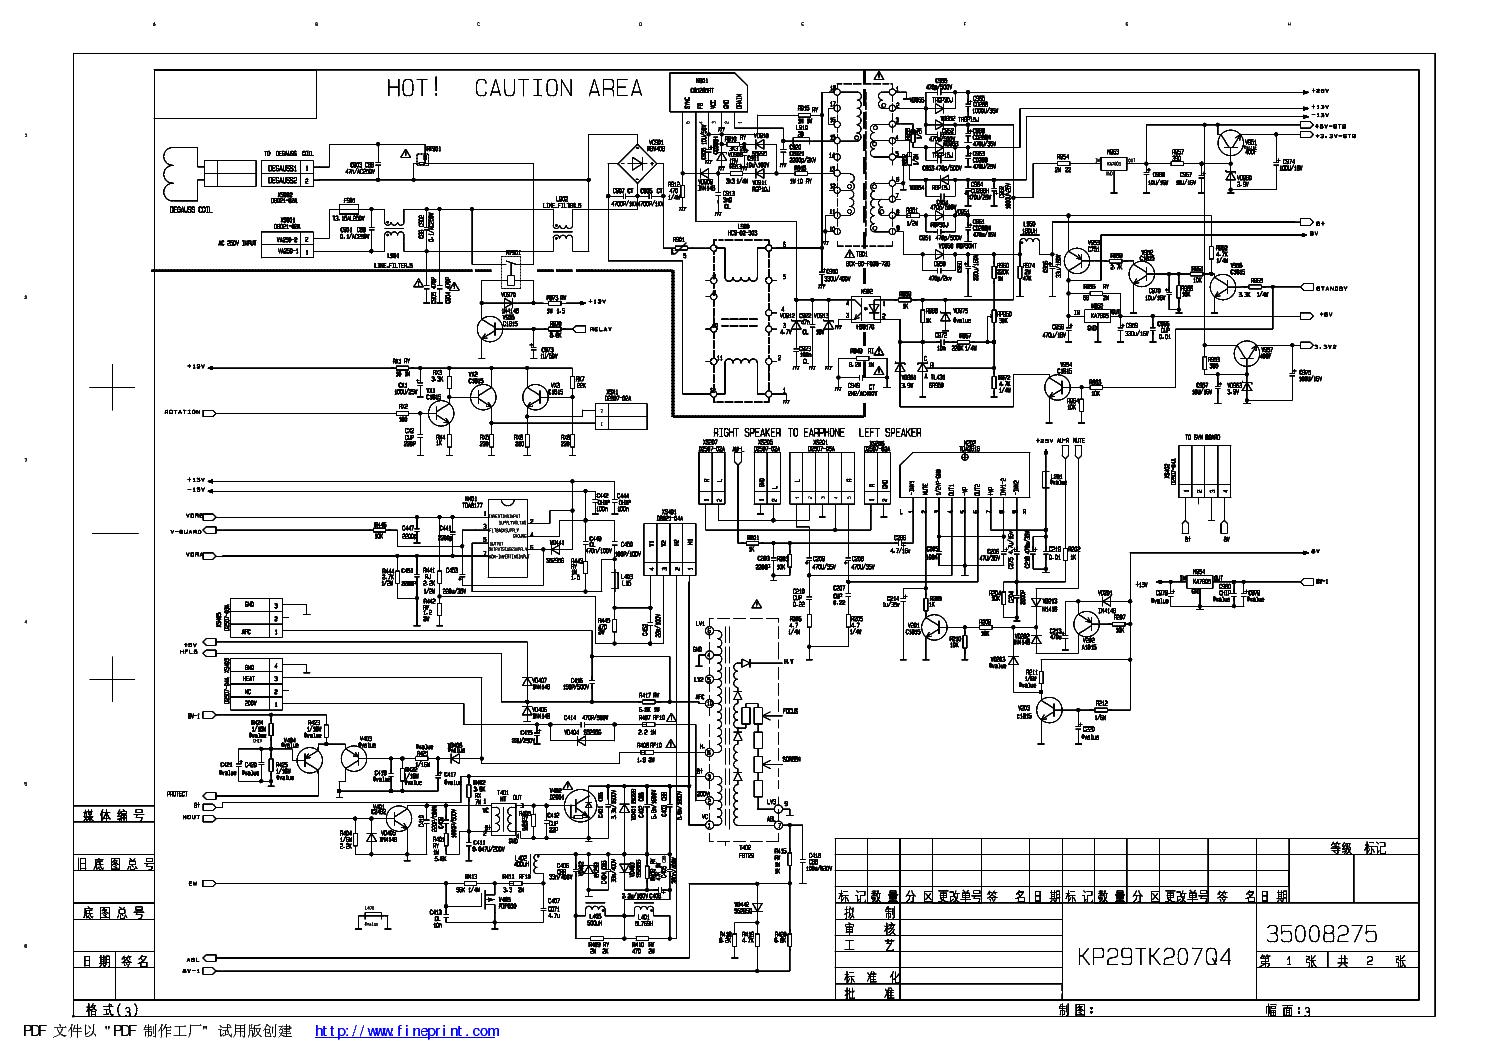 free download wiring diagram sz320 vintage free download wiring diagrams